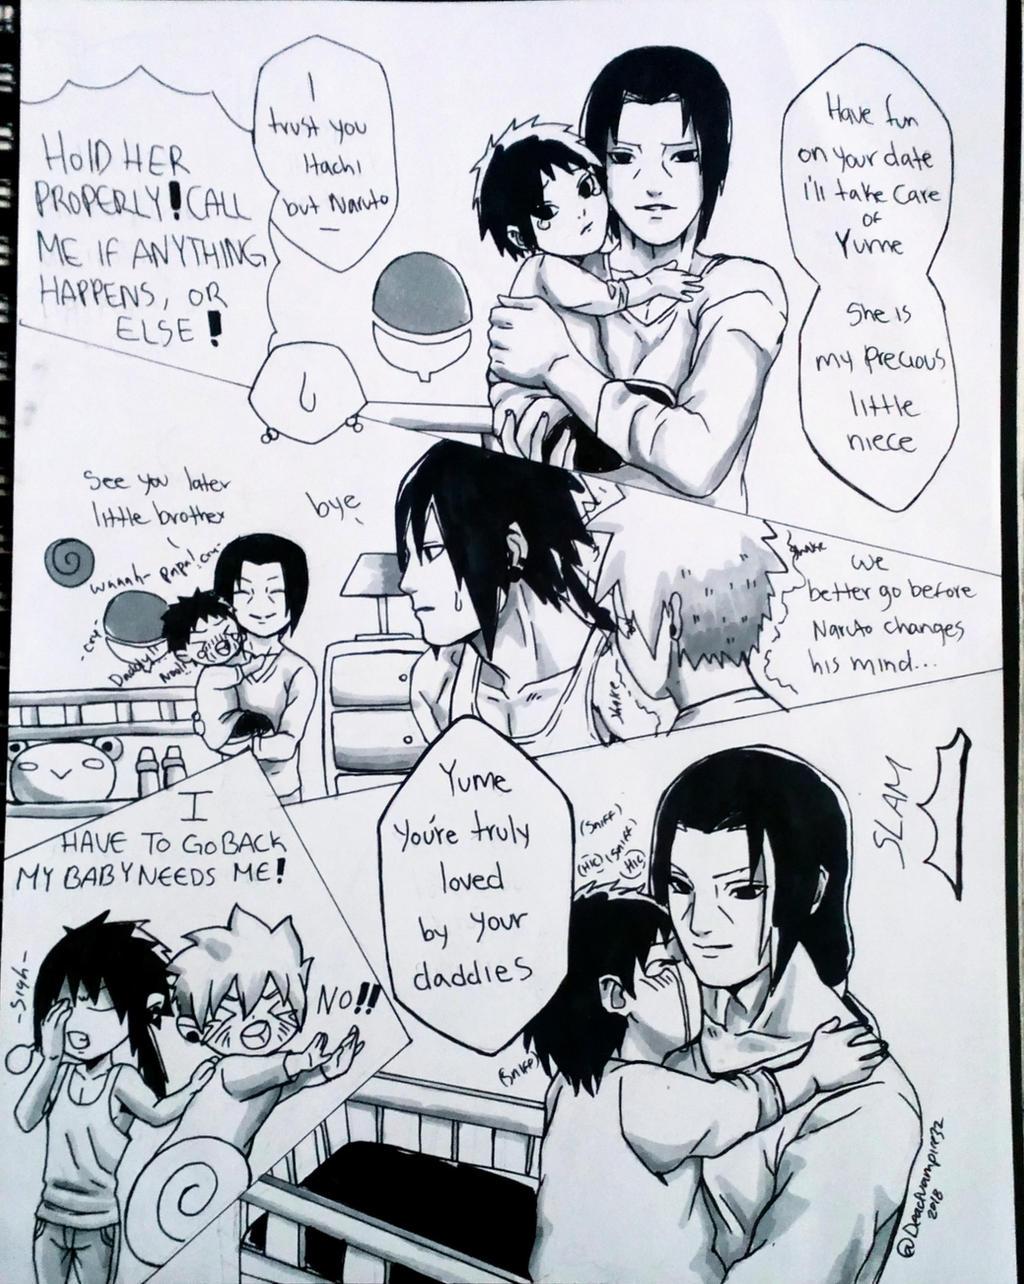 SASUNARU comics on SASUNARU-Dj-Fanfic - DeviantArt